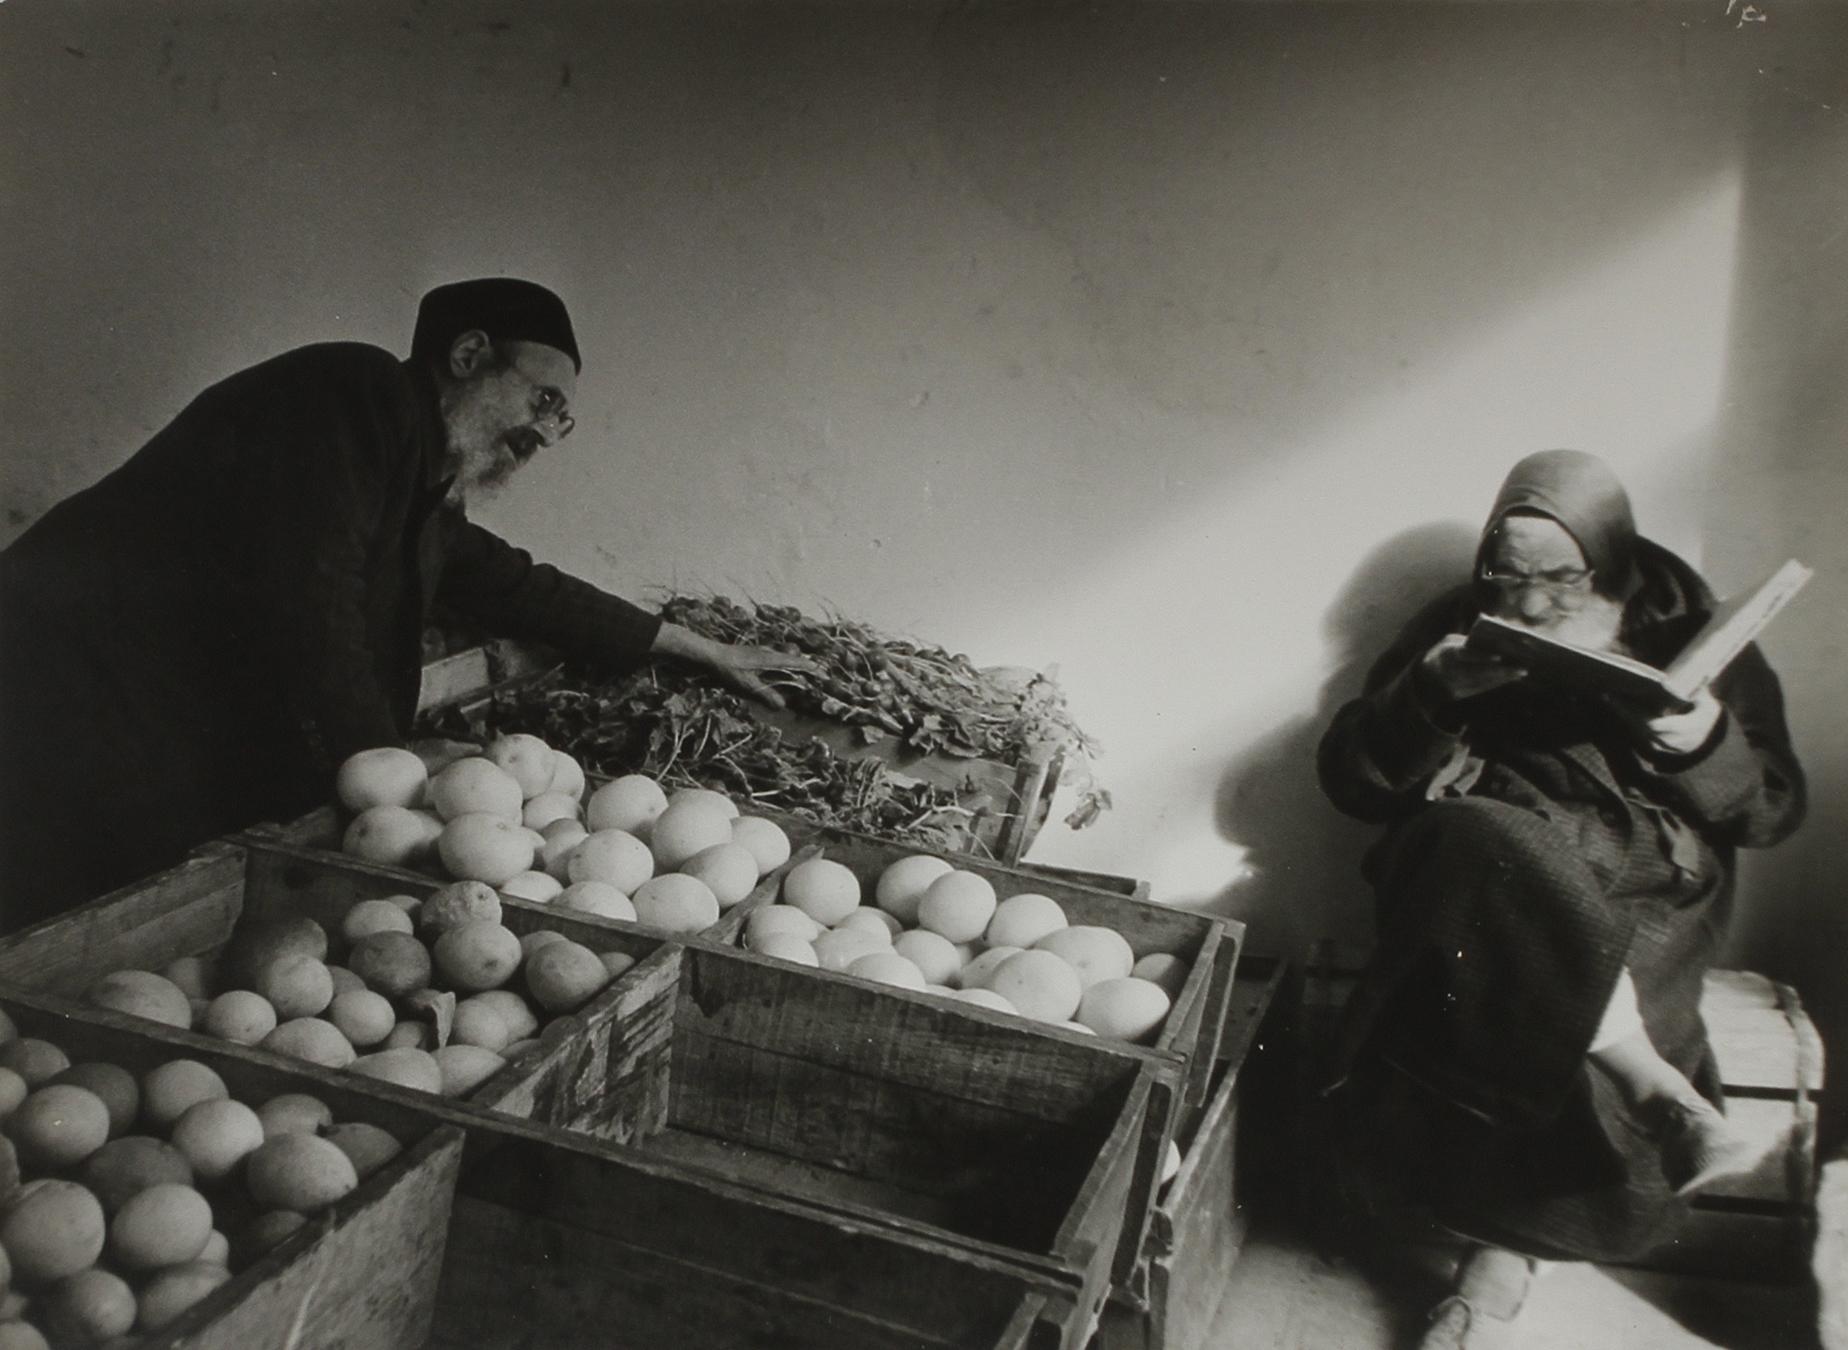 1948. 11 июня. Иерусалимский торговец